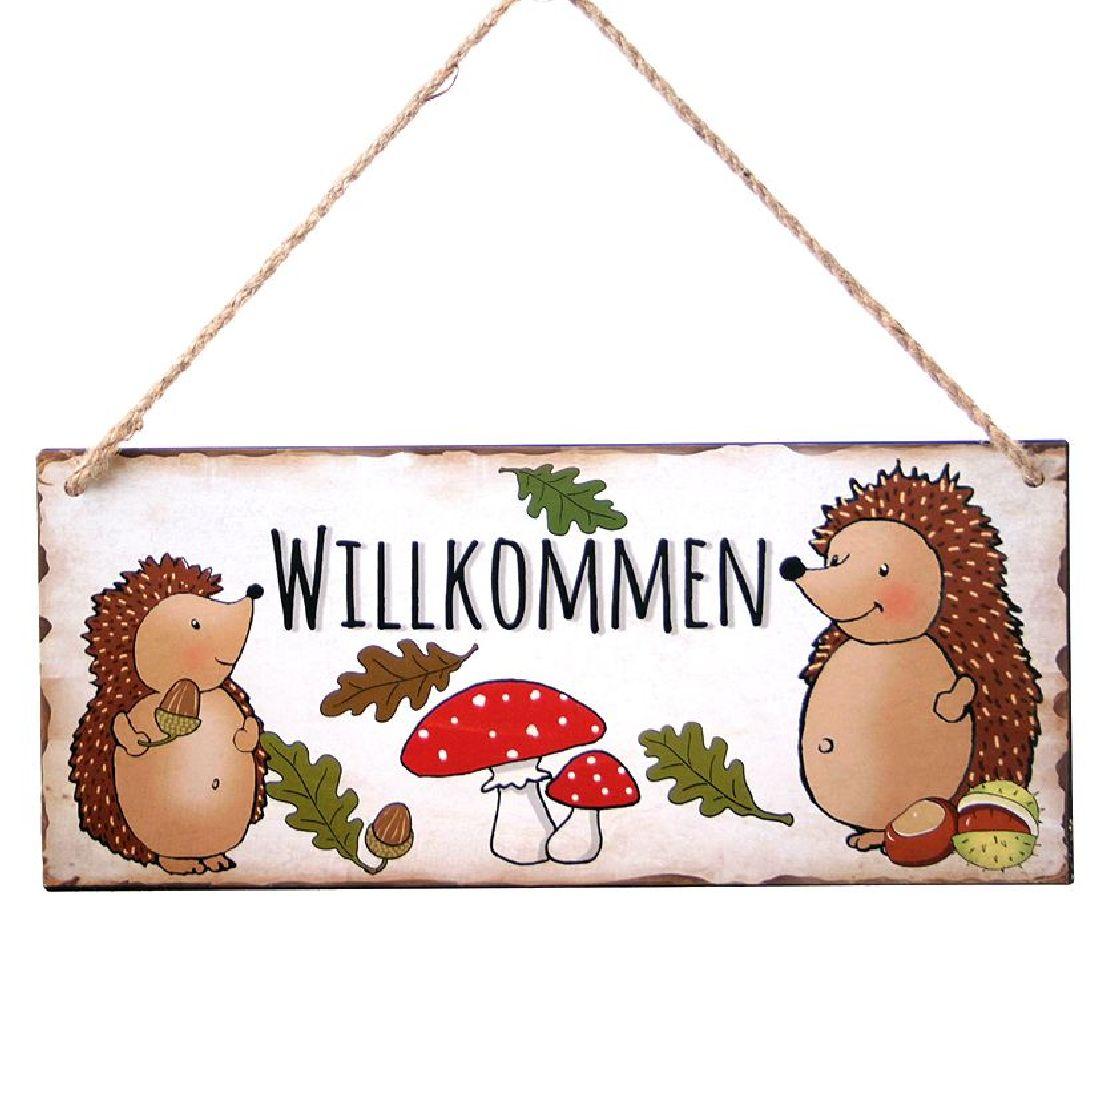 Herbstschild Willkommen ANTIK 61987 mit Juteschnur 30,5x13cm Metall Igel+Pilz